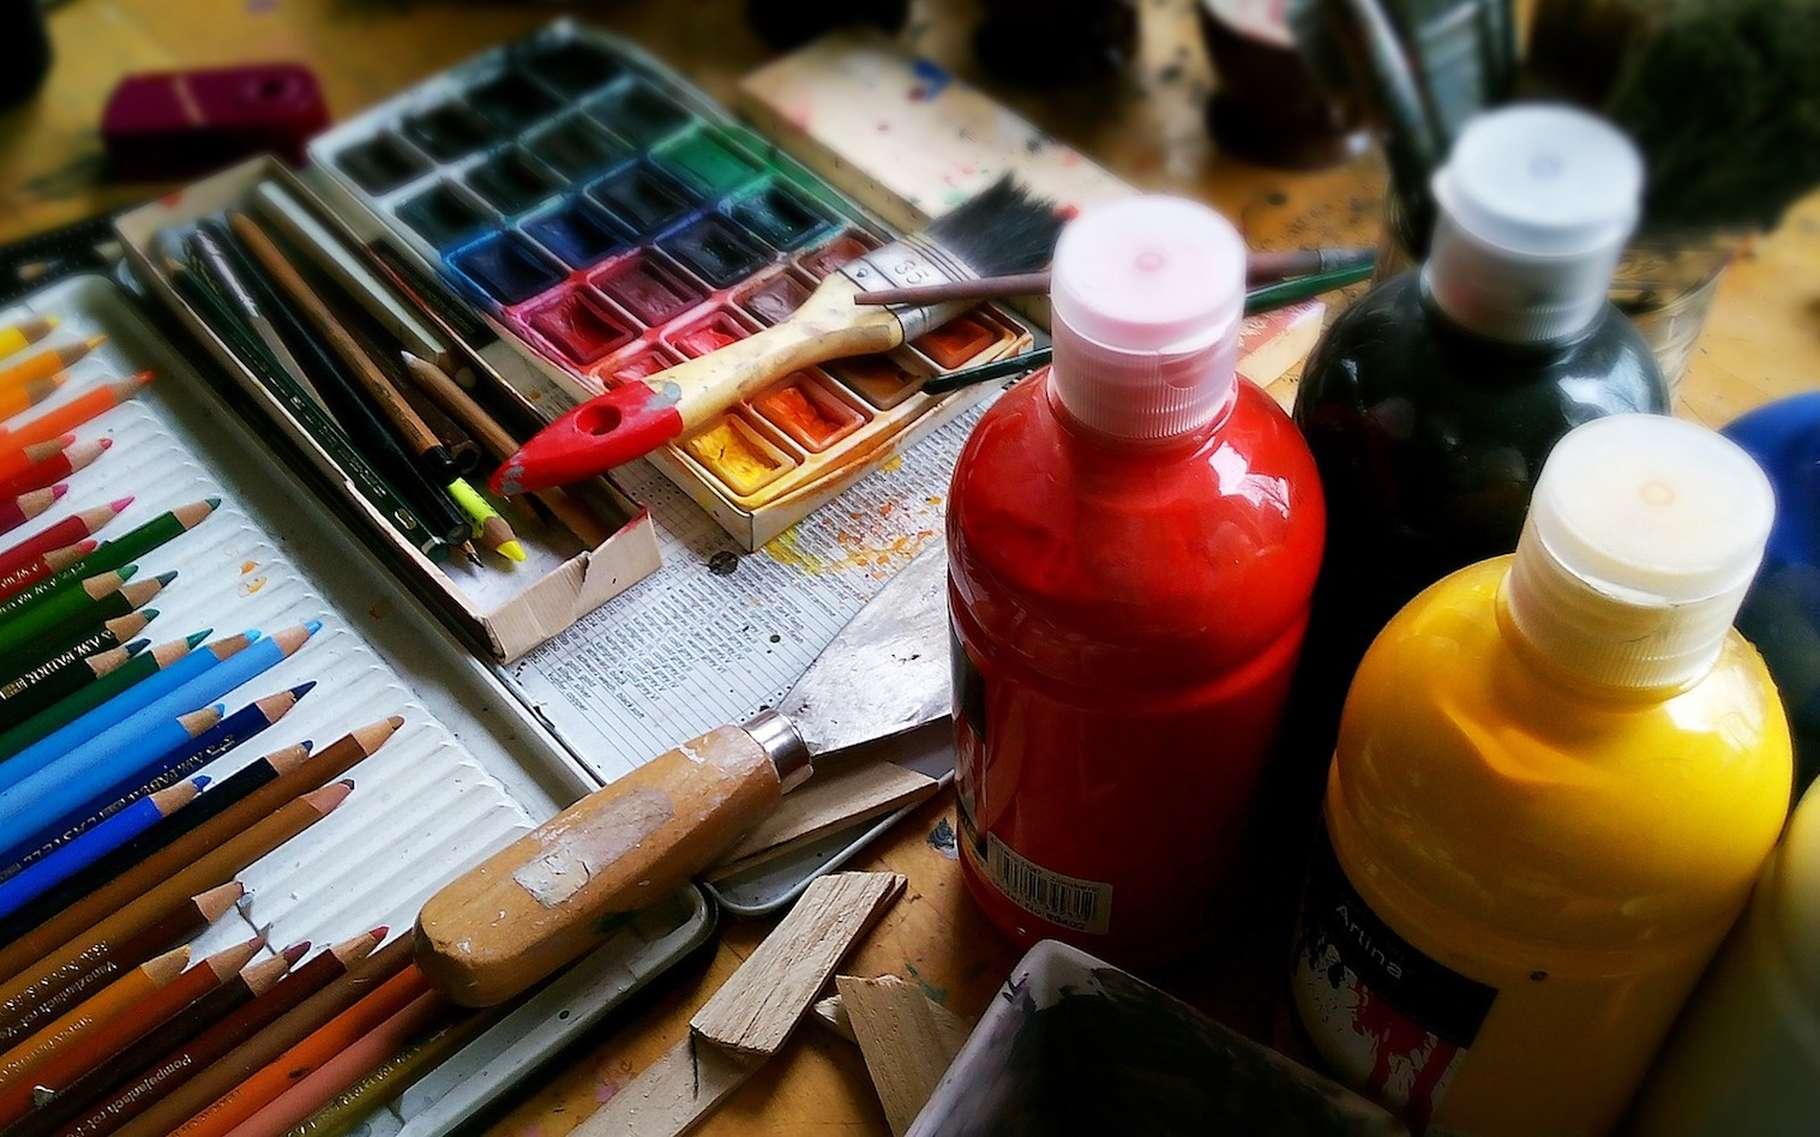 Le toluène est un hydrocarbure aromatique que l'on trouve, entre autres, dans les solvants pour peintures. © bodobe, Pixabay, CC0 Creative Commons